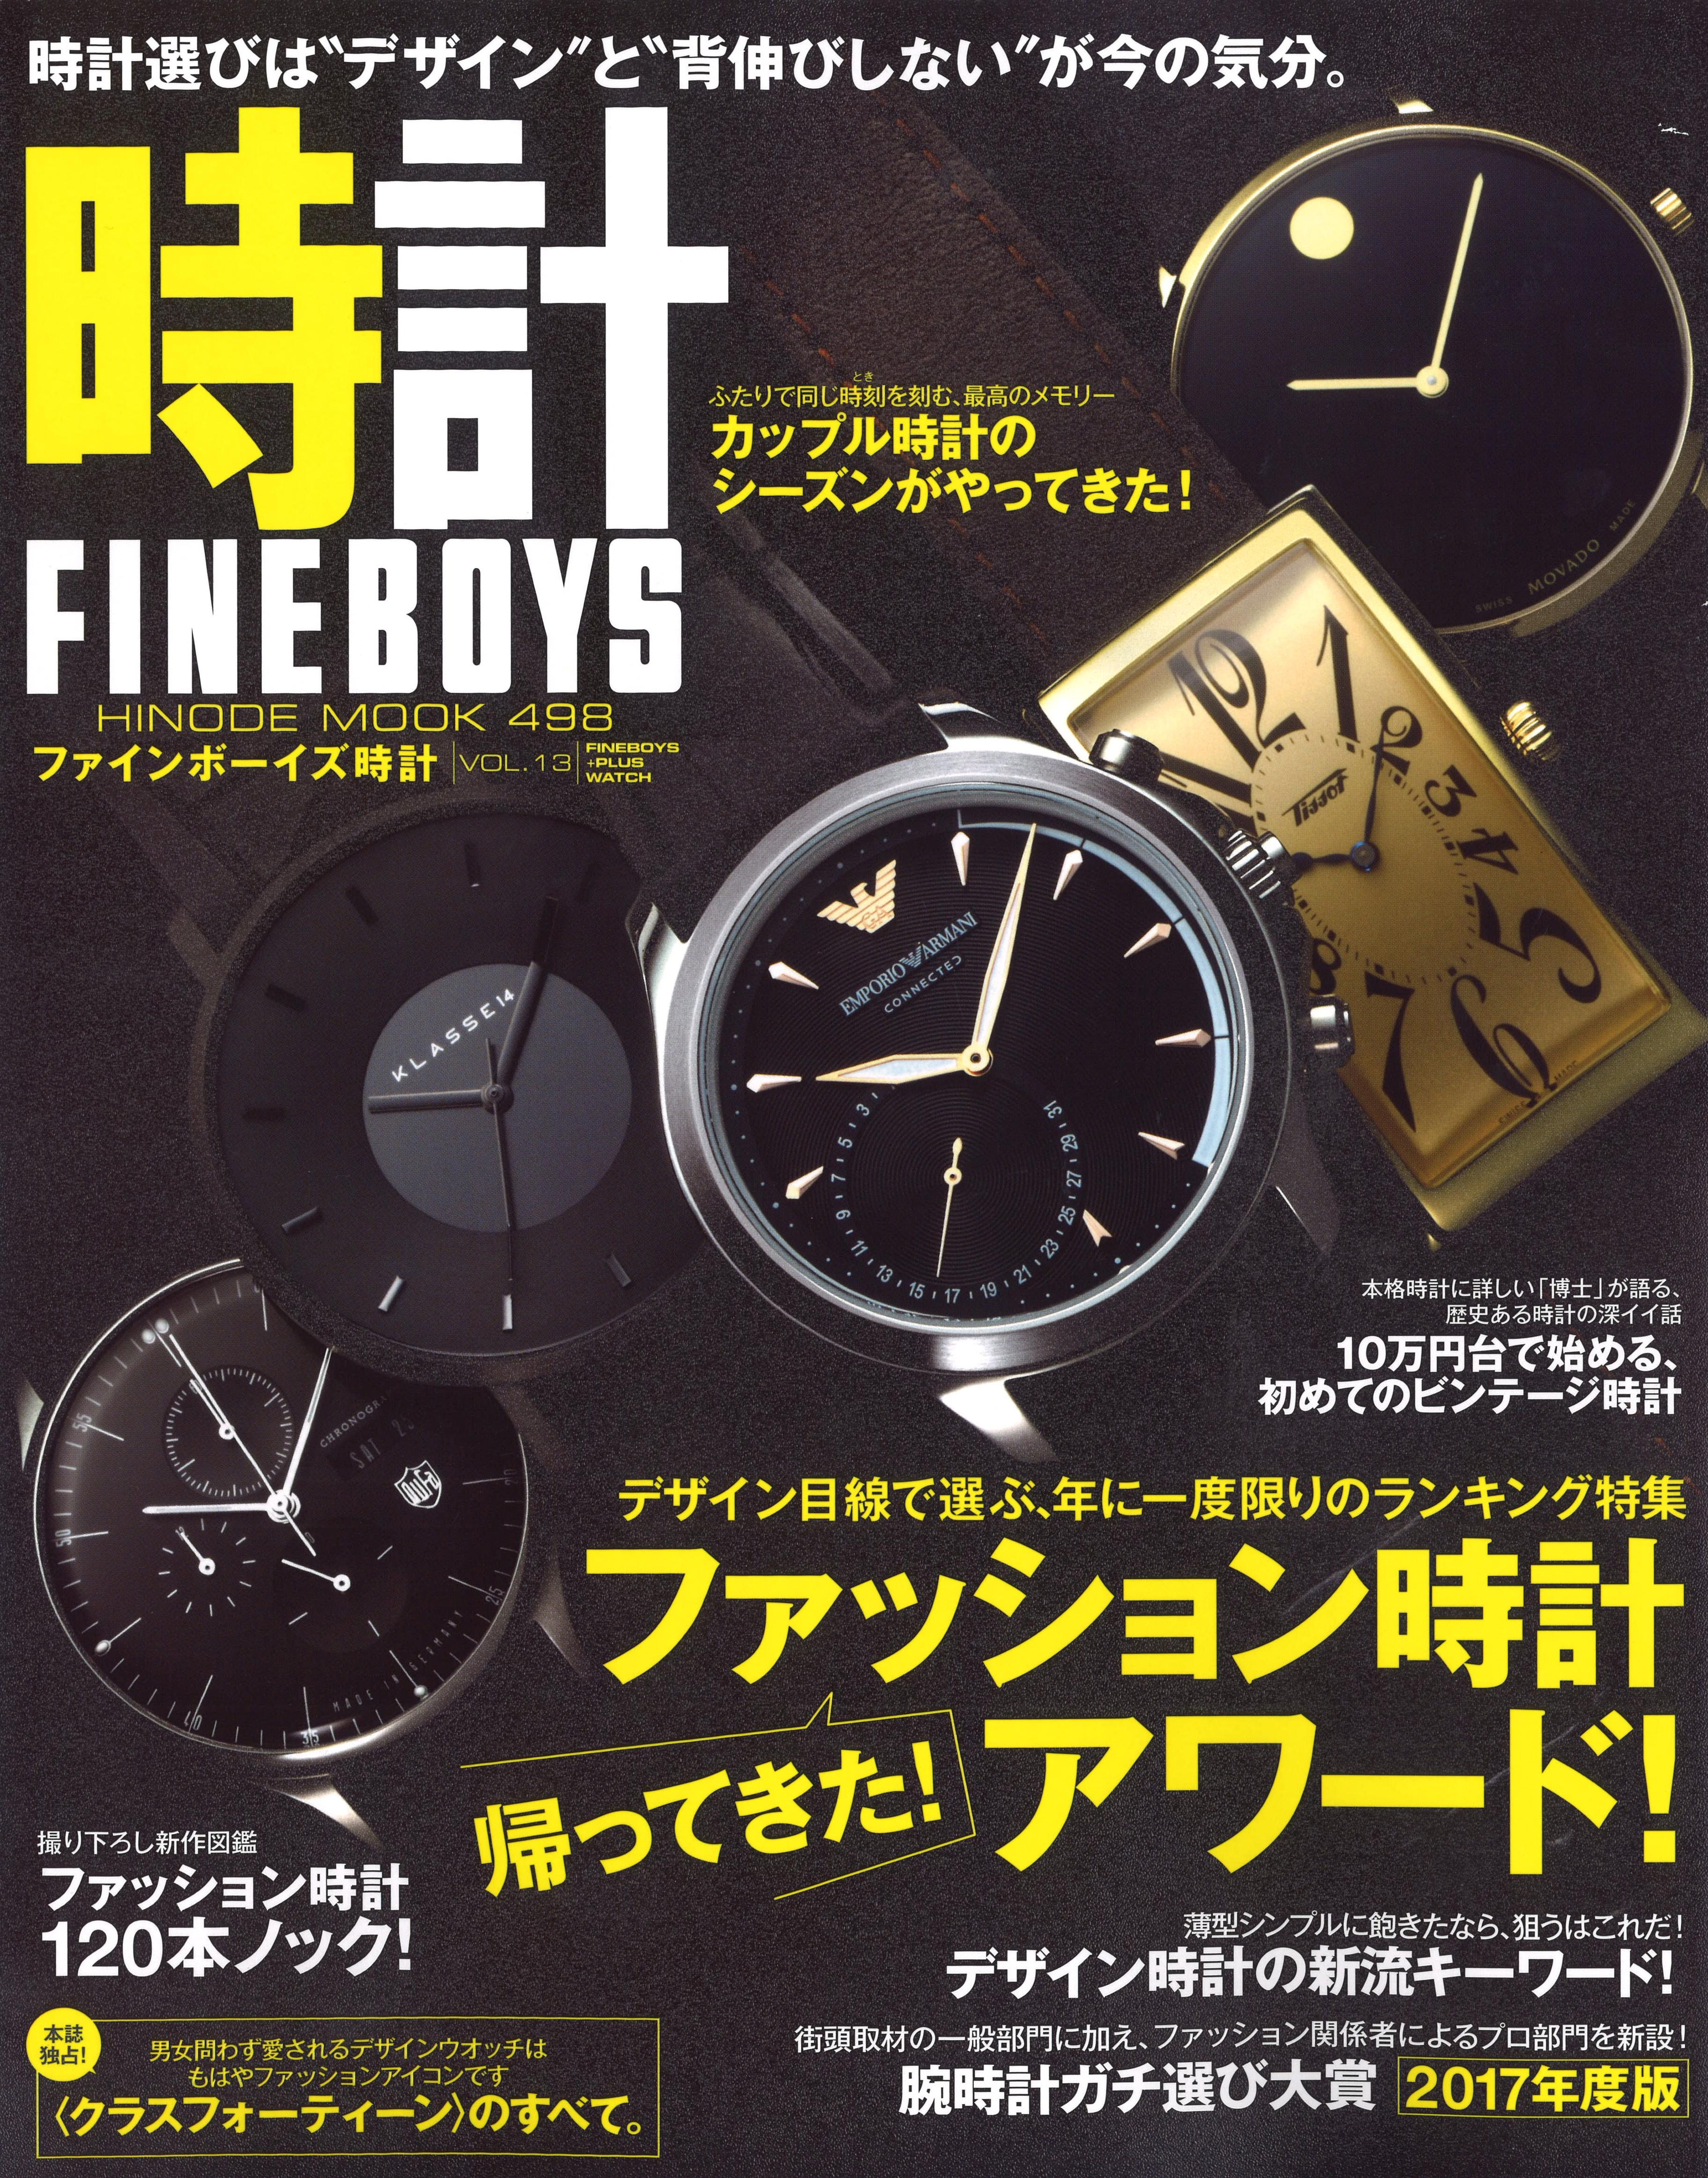 [掲載情報]FINEBOYS時計 Vol.13